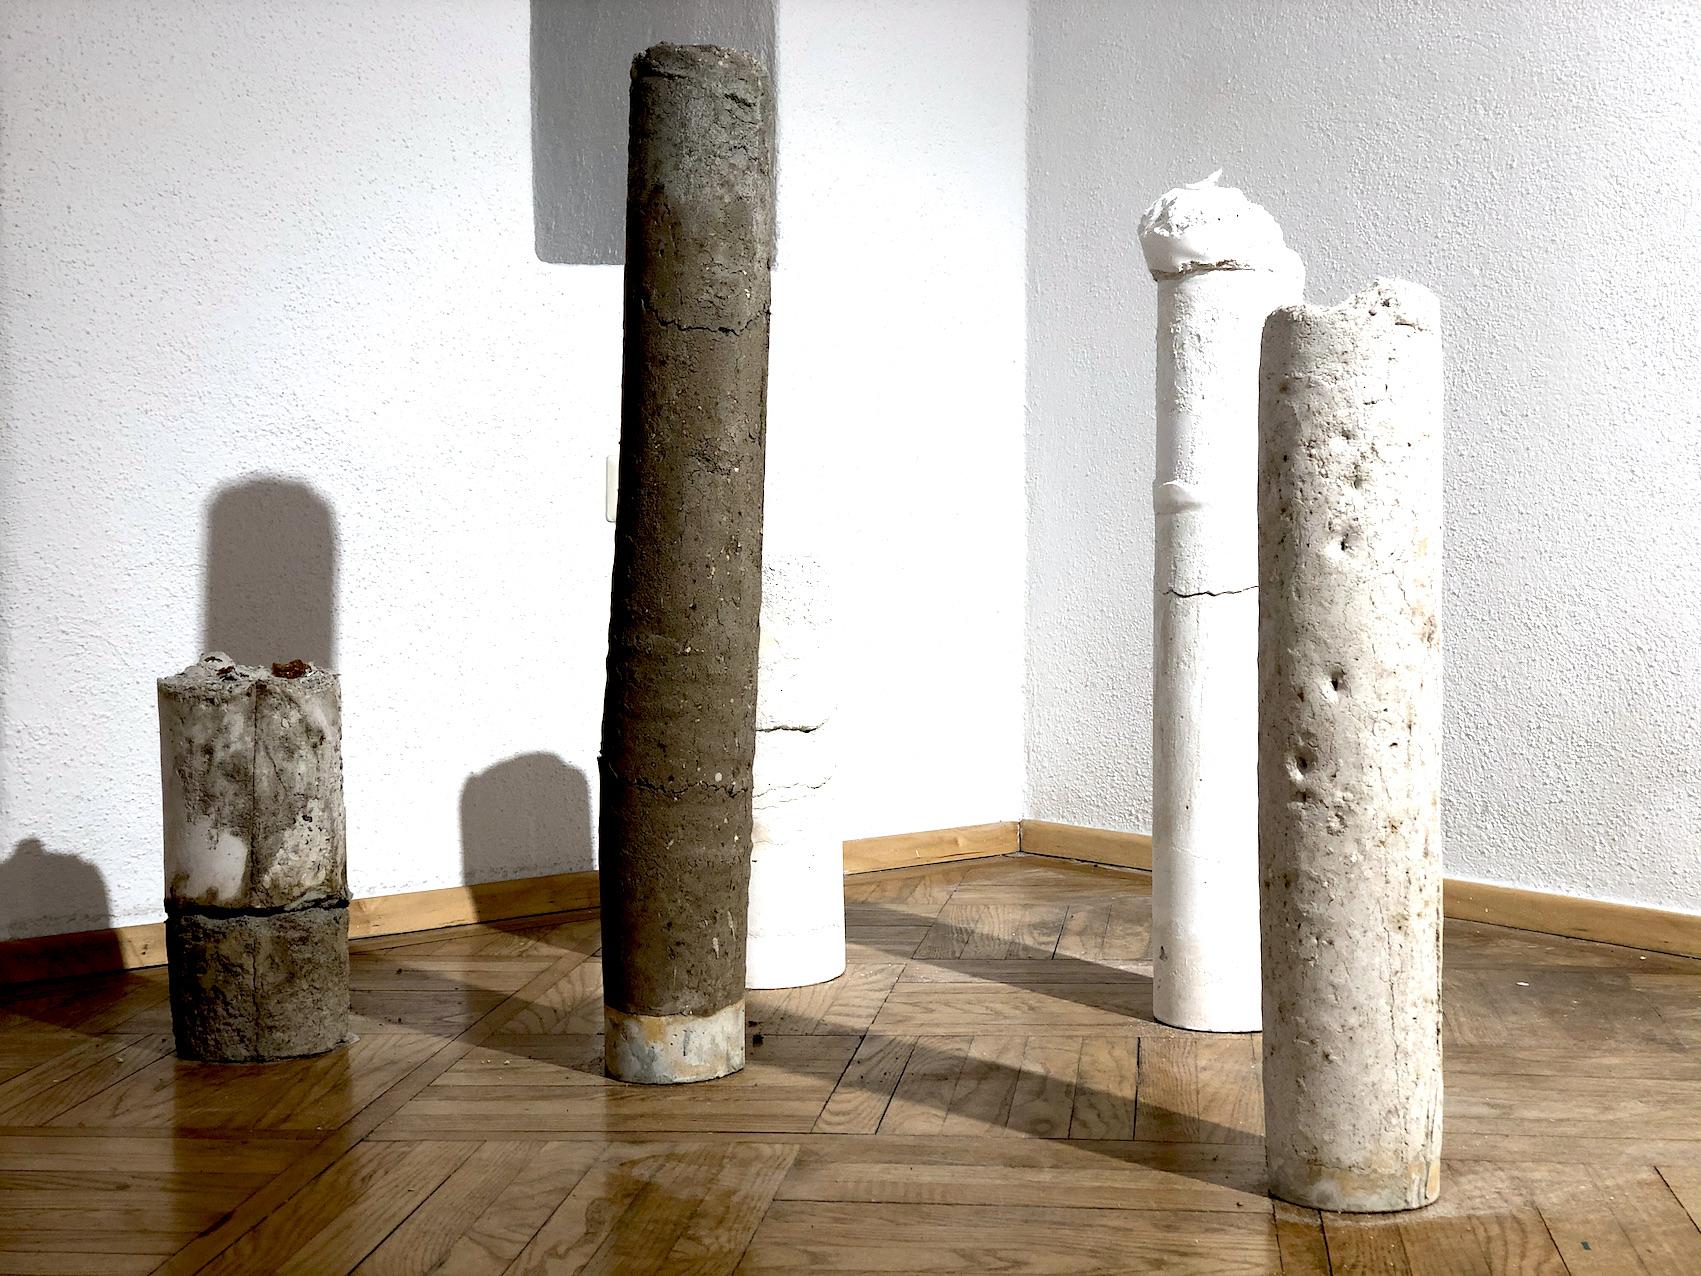 Ausstellung_Sven Borger_Andreas Perkmann Berger_Marit Wolters_Markus Zeber_Reinhold Zisser_Galerie Frank Wien